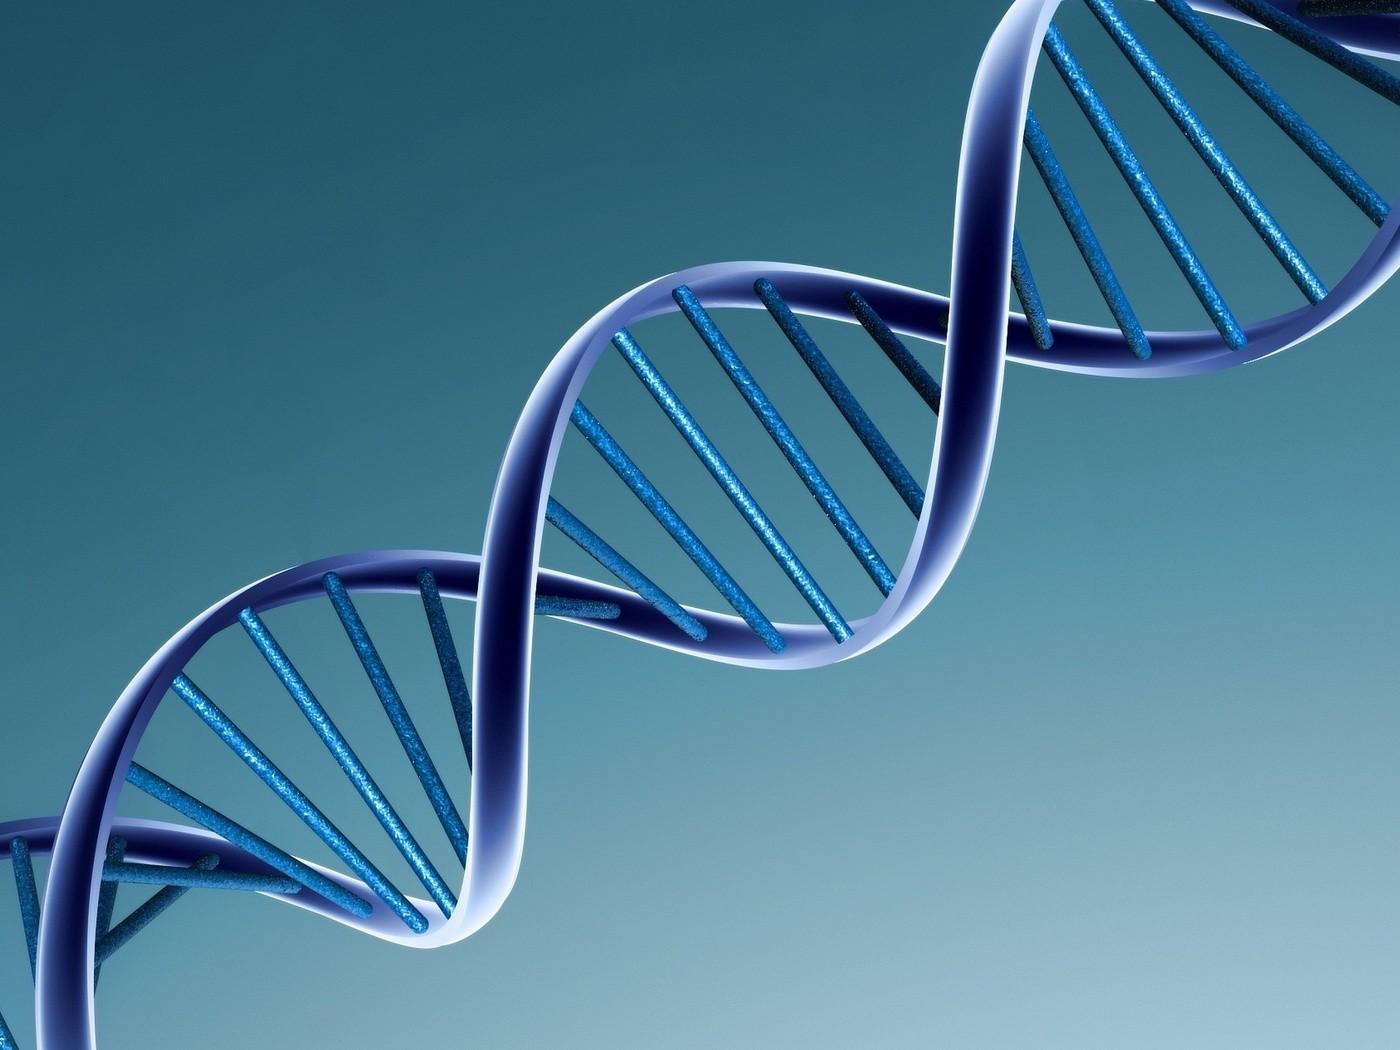 Ученые Наношприц позволит вводить ДНК в живые клетки